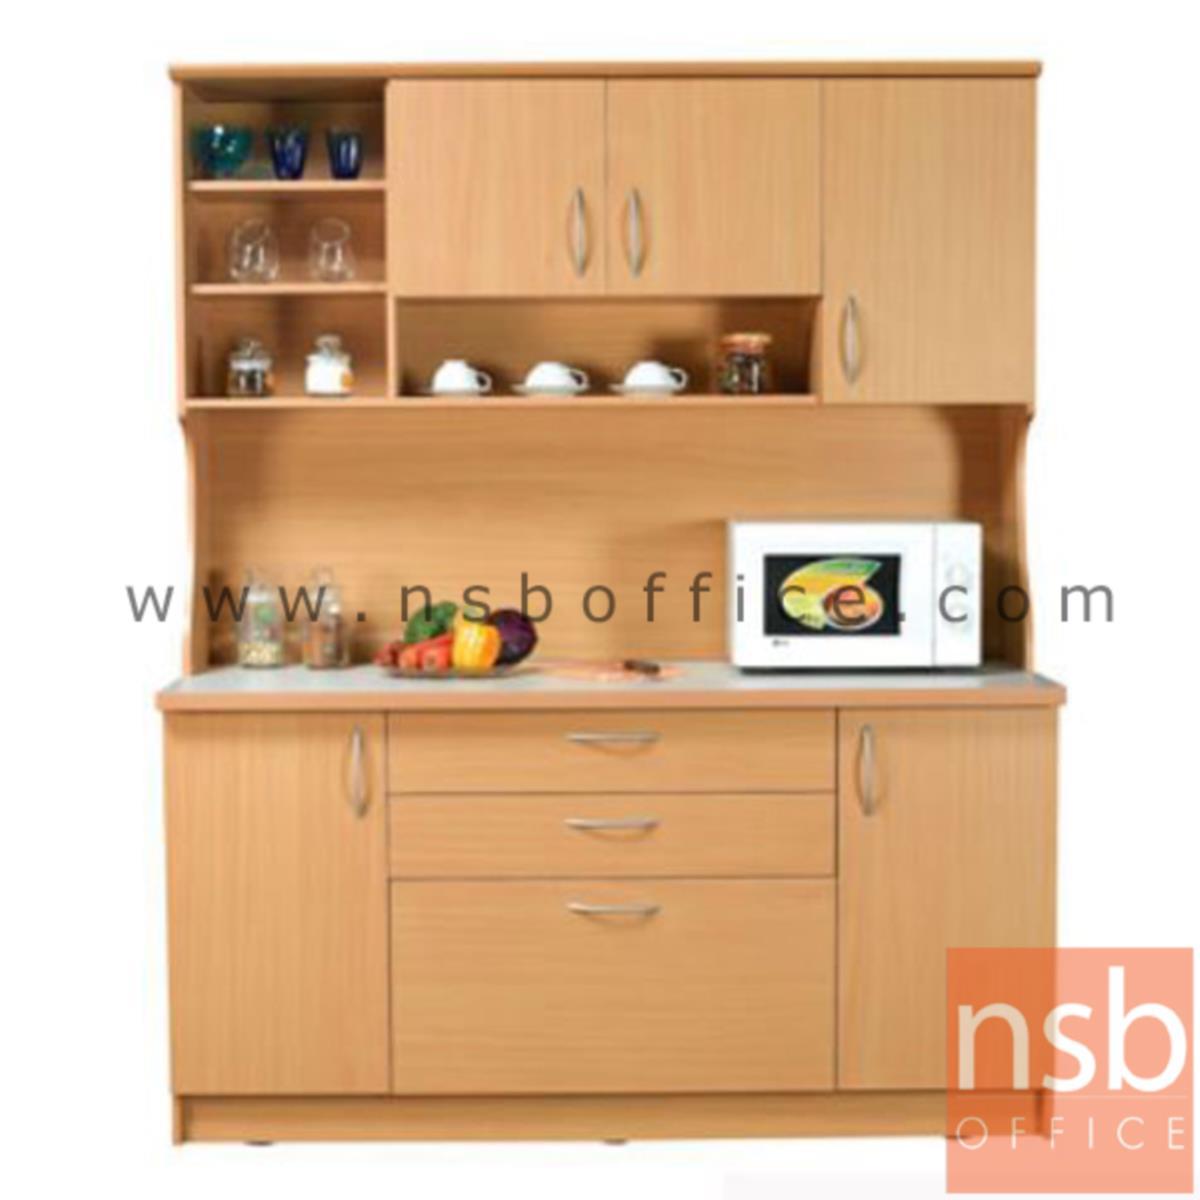 G10A013:ชุดตู้ครัวหน้าเรียบ 160 cm รุ่น ER-0116  หร้อมตู้ลอย